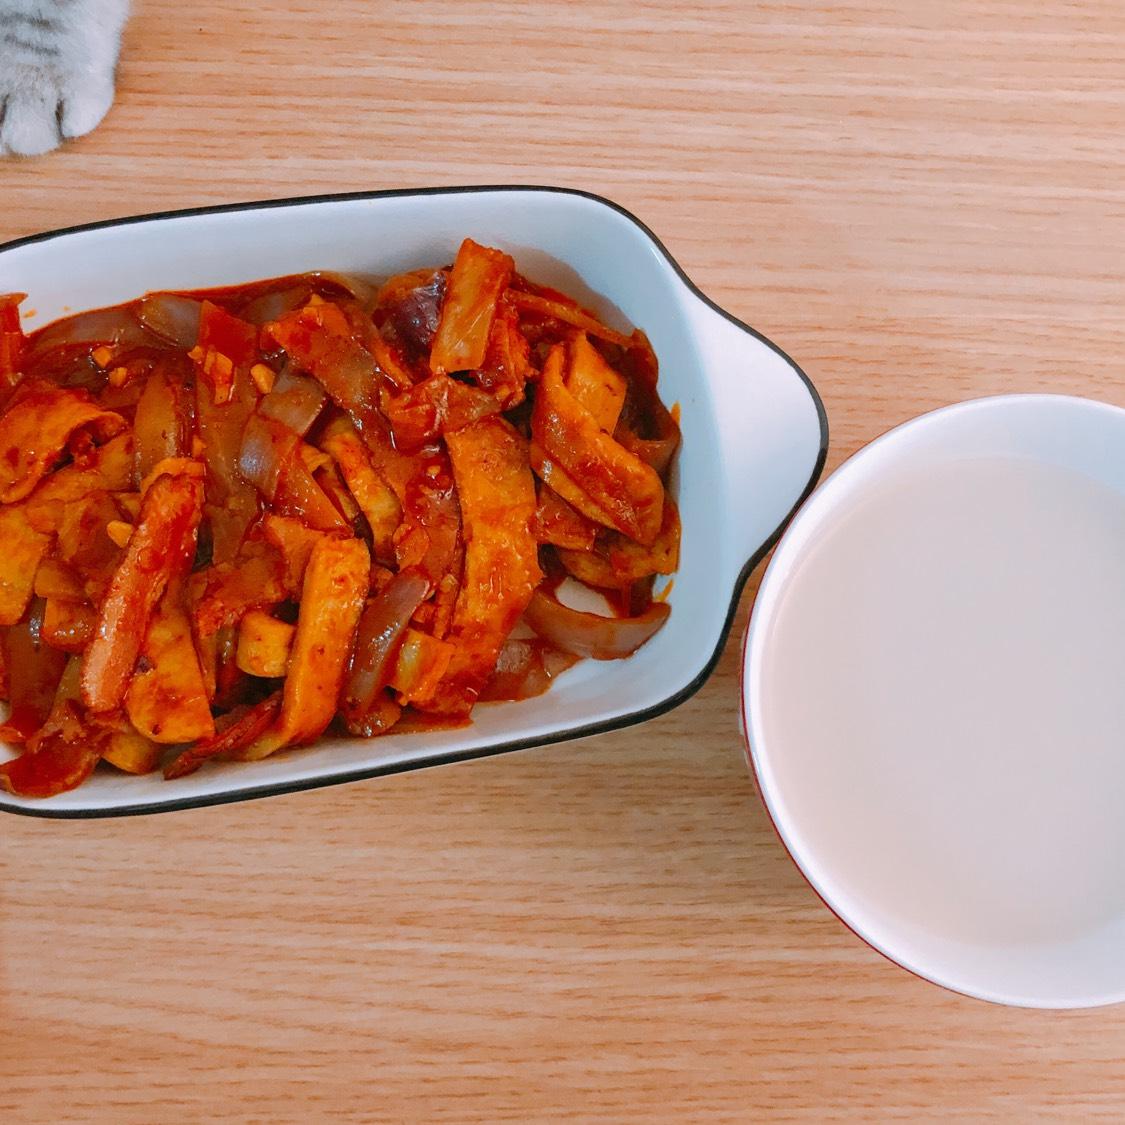 鱼饼的诱惑\uD83D\uDC8B之韩式培根炒鱼饼